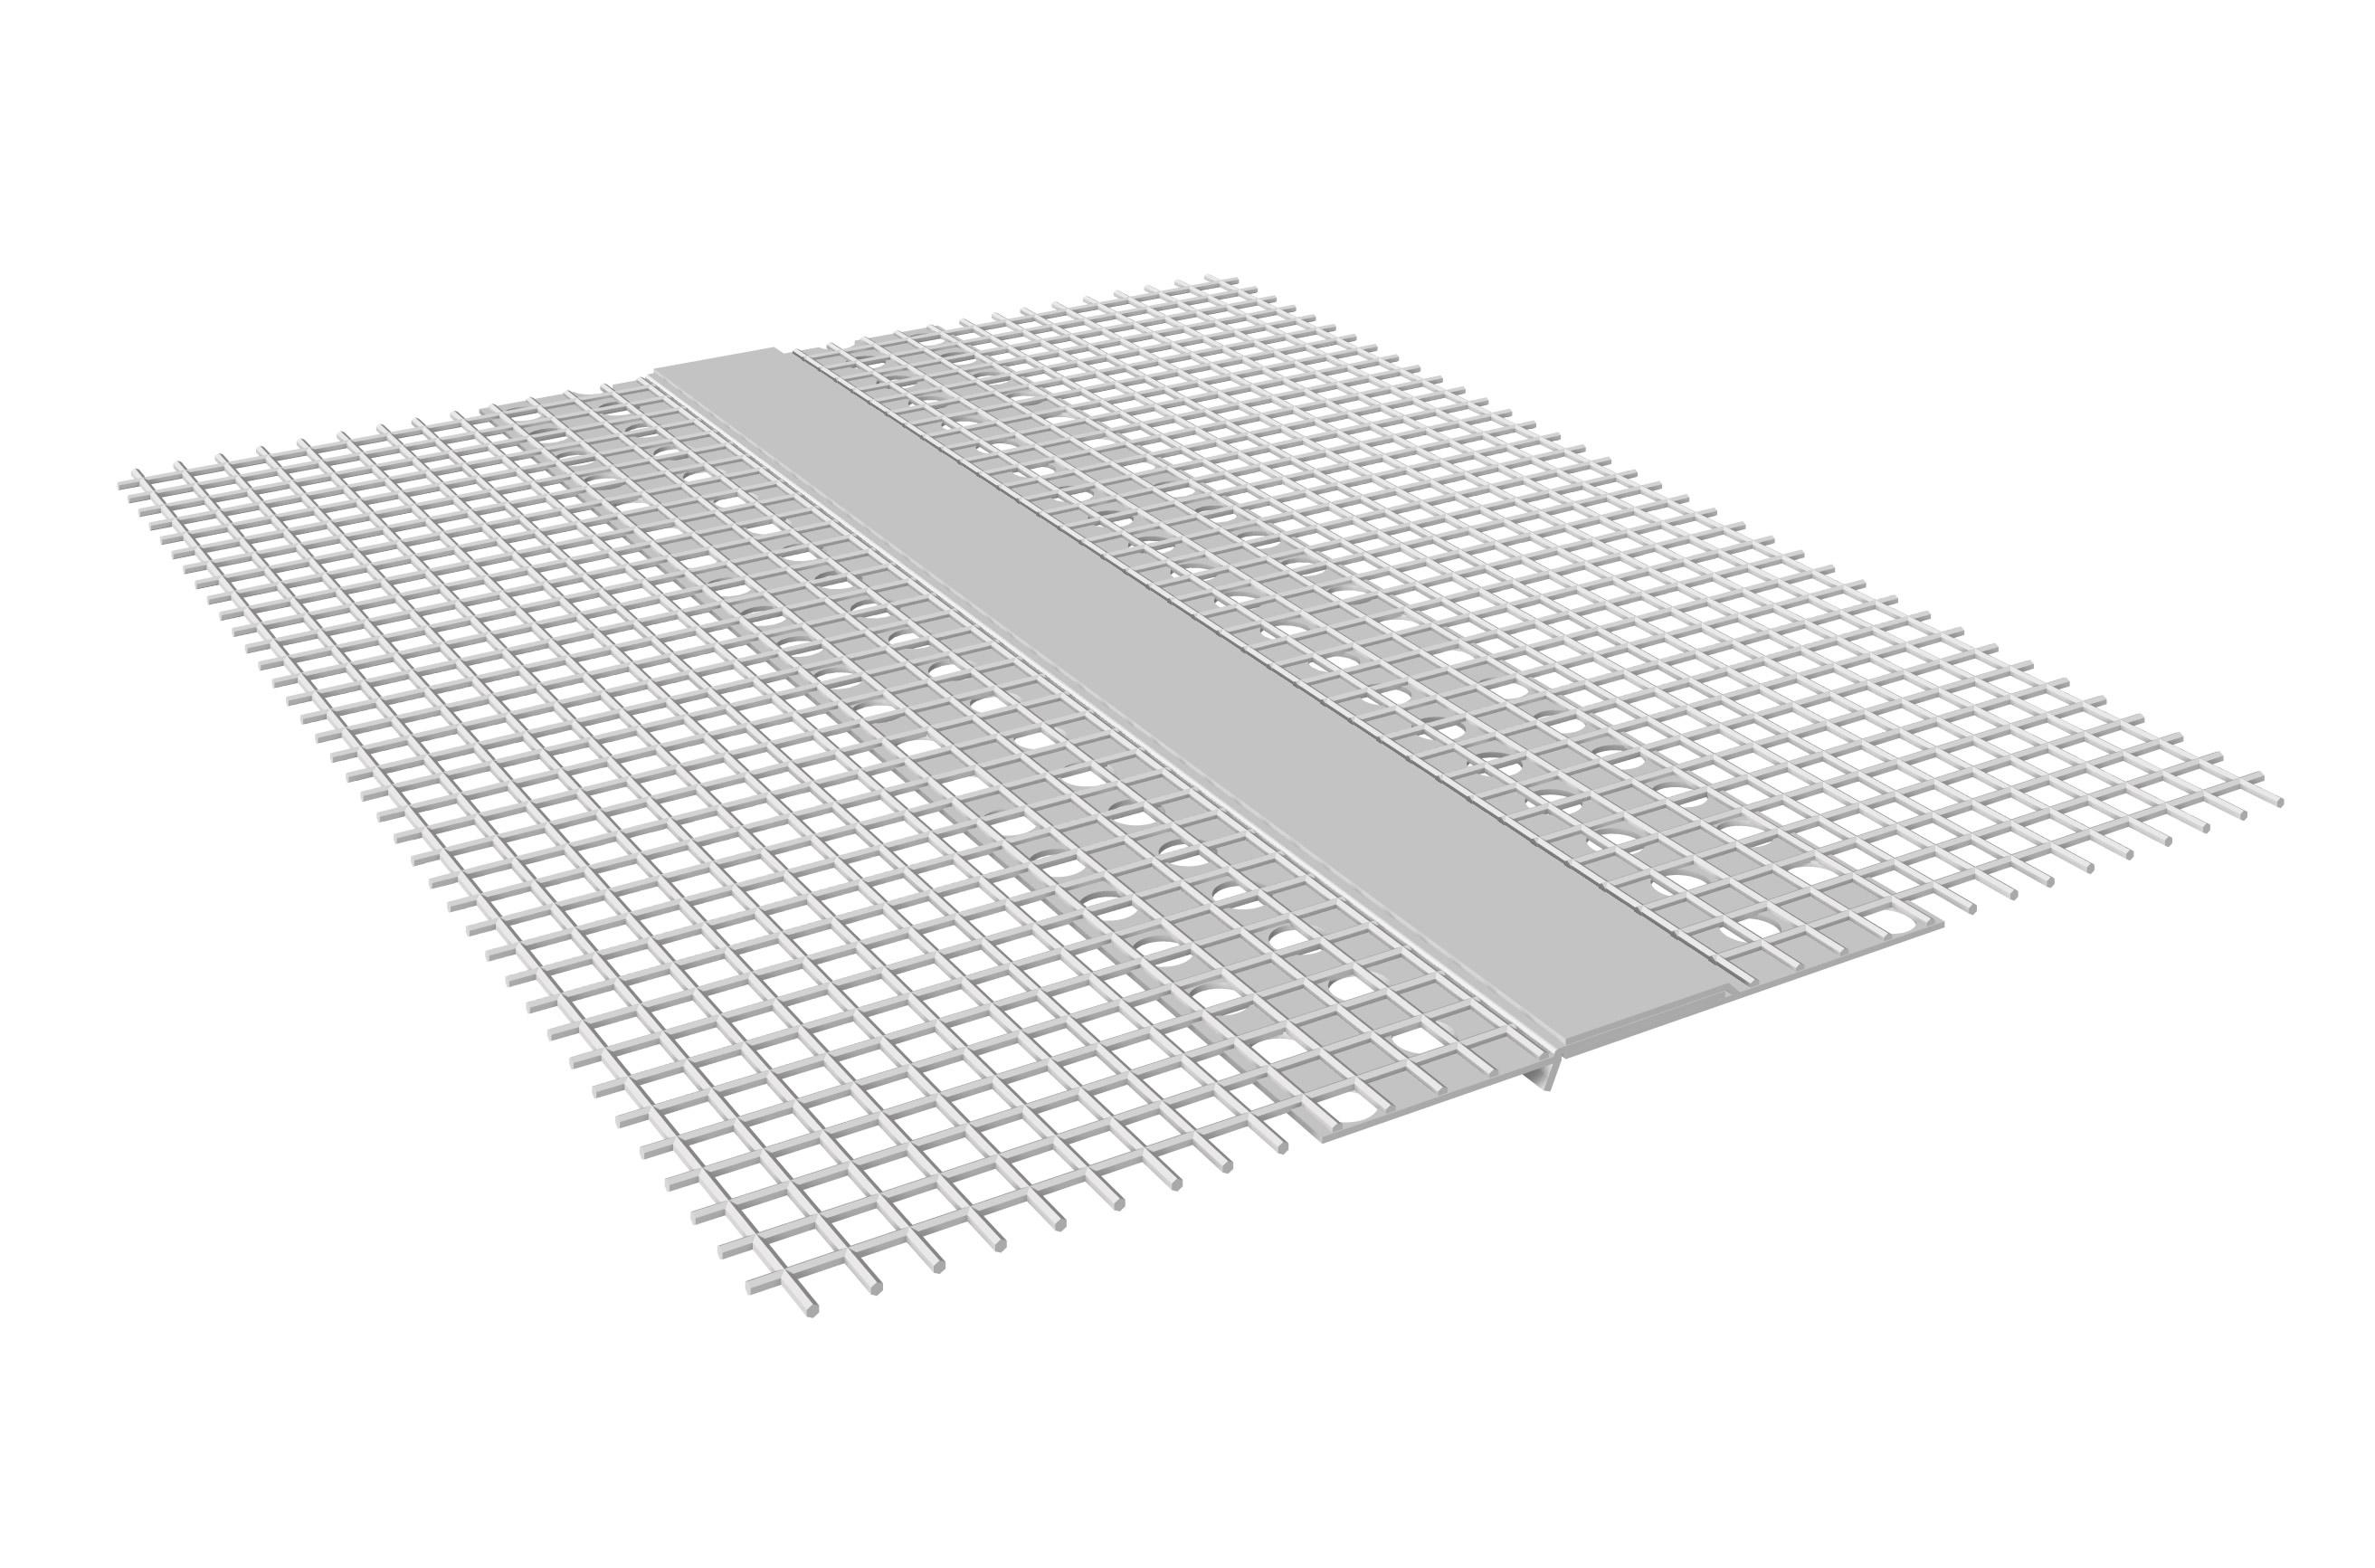 GIUNTO DI DILATAZIONE ORIZZONTALE IN PVC: Giunto di dilatazione in PVC con rete in fibra di vetro preincollata